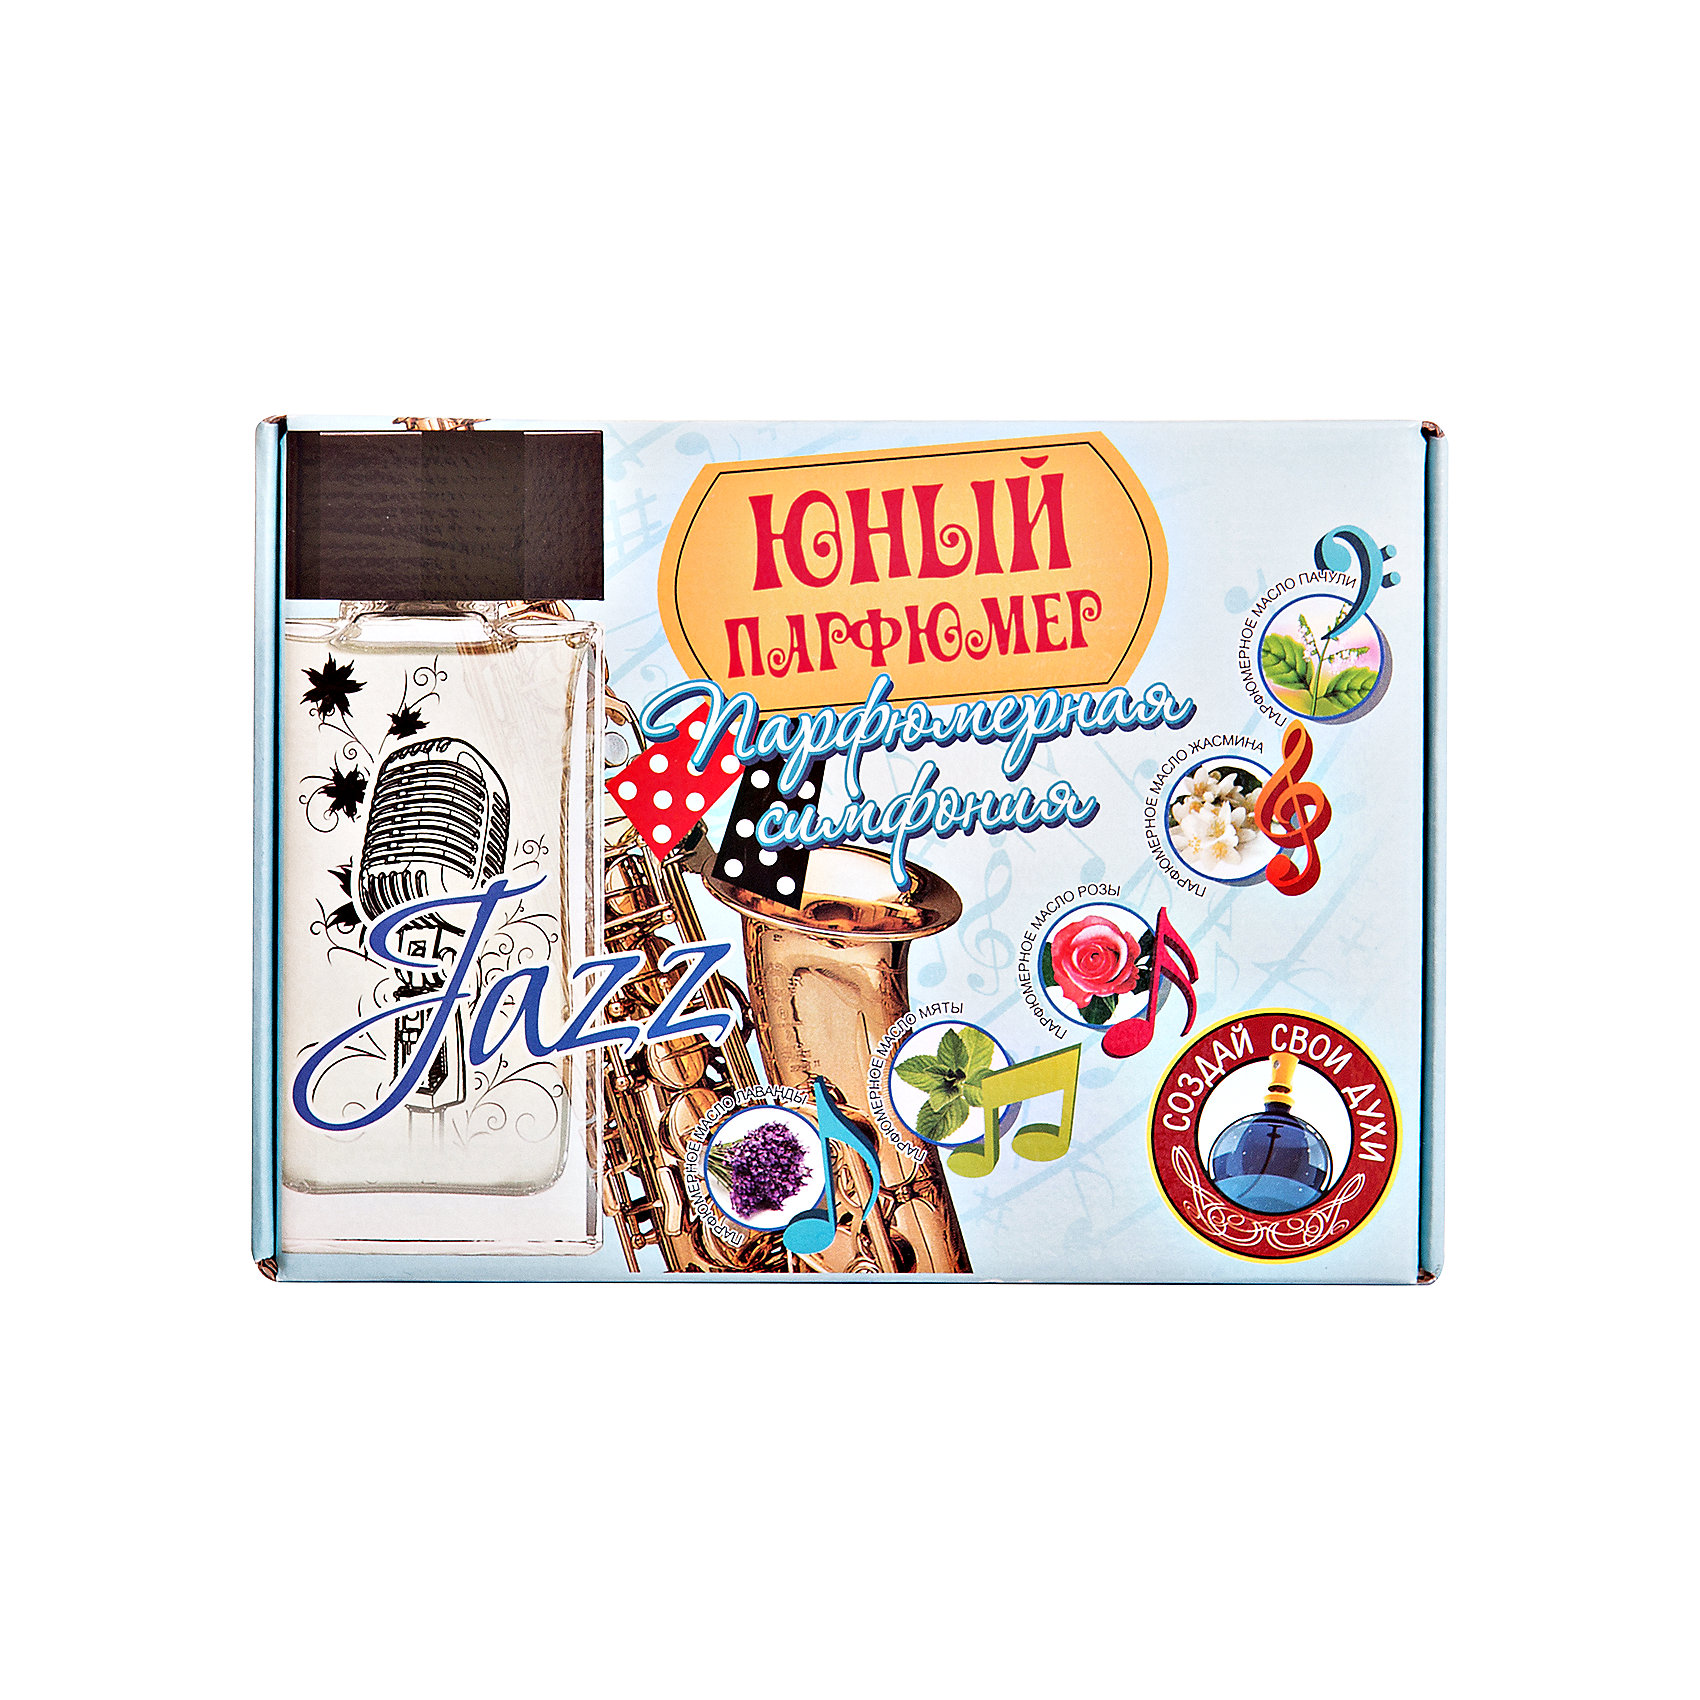 Набор Юный Парфюмер, Парфюмерная симфония ДжазКосметика, грим и парфюмерия<br>Набор Юный Парфюмер Парфюмерная симфония Джаз (с натуральными маслами пачули, жасмина, розы, мяты, лаванды, основой для духов и лабораторной посудой создай свою неповторимую симфонию )<br><br>Ширина мм: 255<br>Глубина мм: 185<br>Высота мм: 50<br>Вес г: 218<br>Возраст от месяцев: 96<br>Возраст до месяцев: 168<br>Пол: Унисекс<br>Возраст: Детский<br>SKU: 5067639